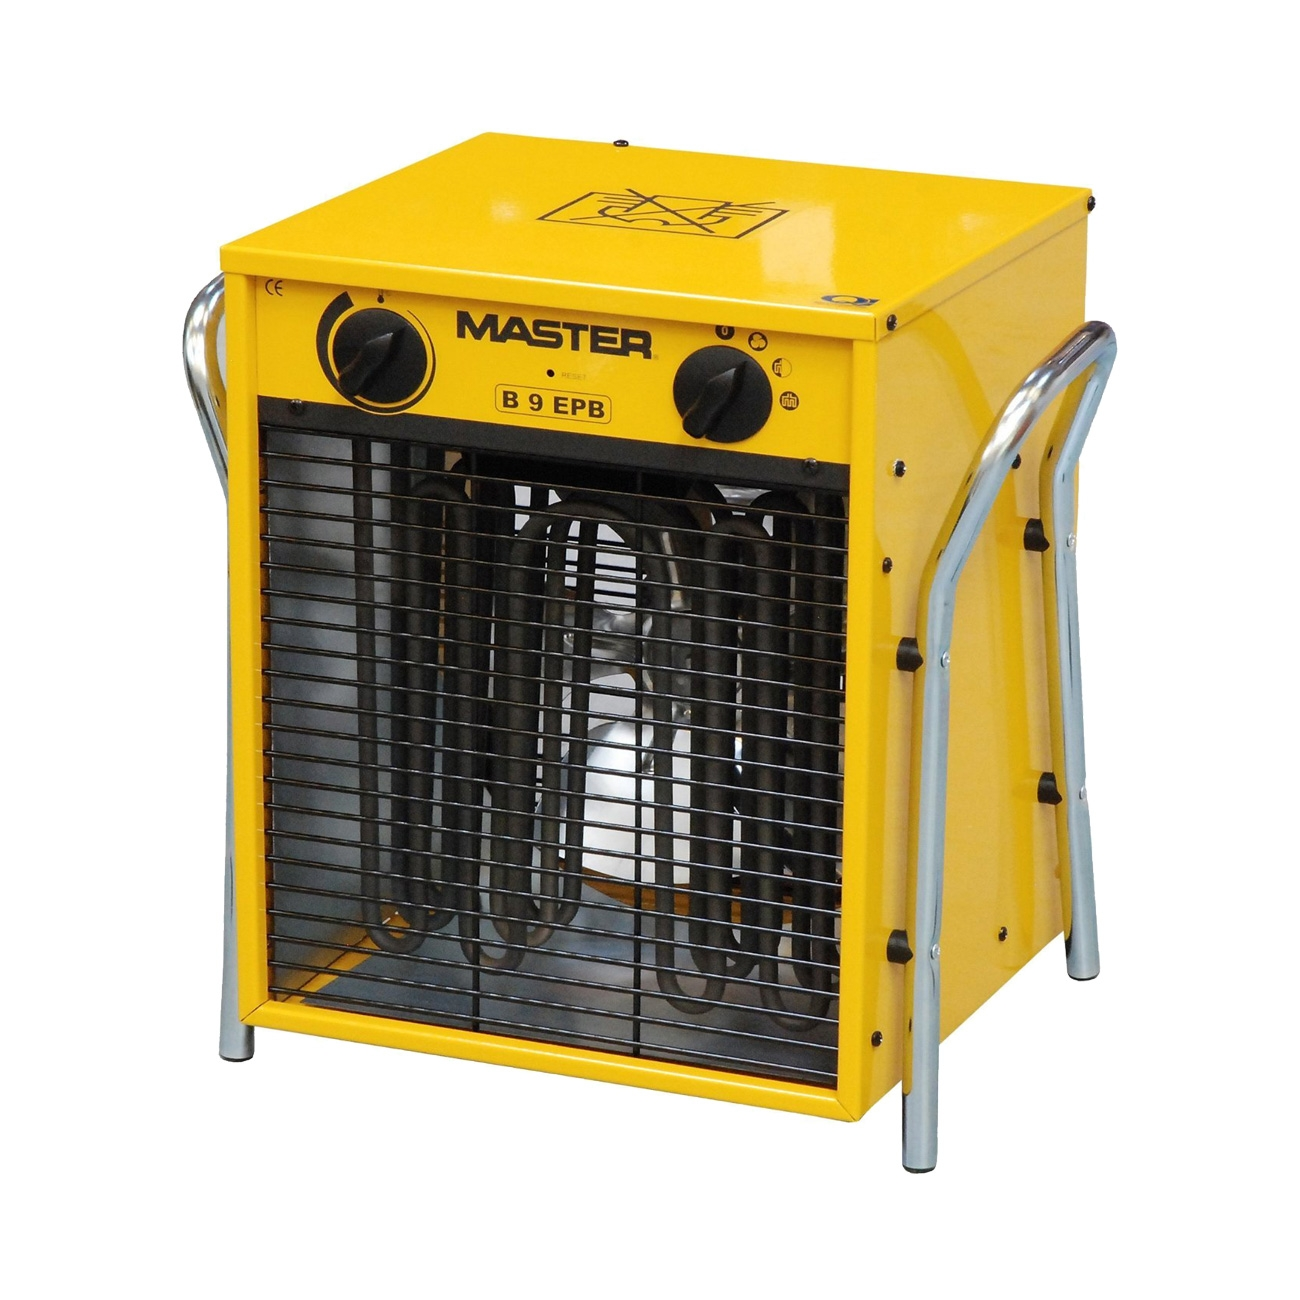 Generador de aire caliente Master B9 EPB con ventilador